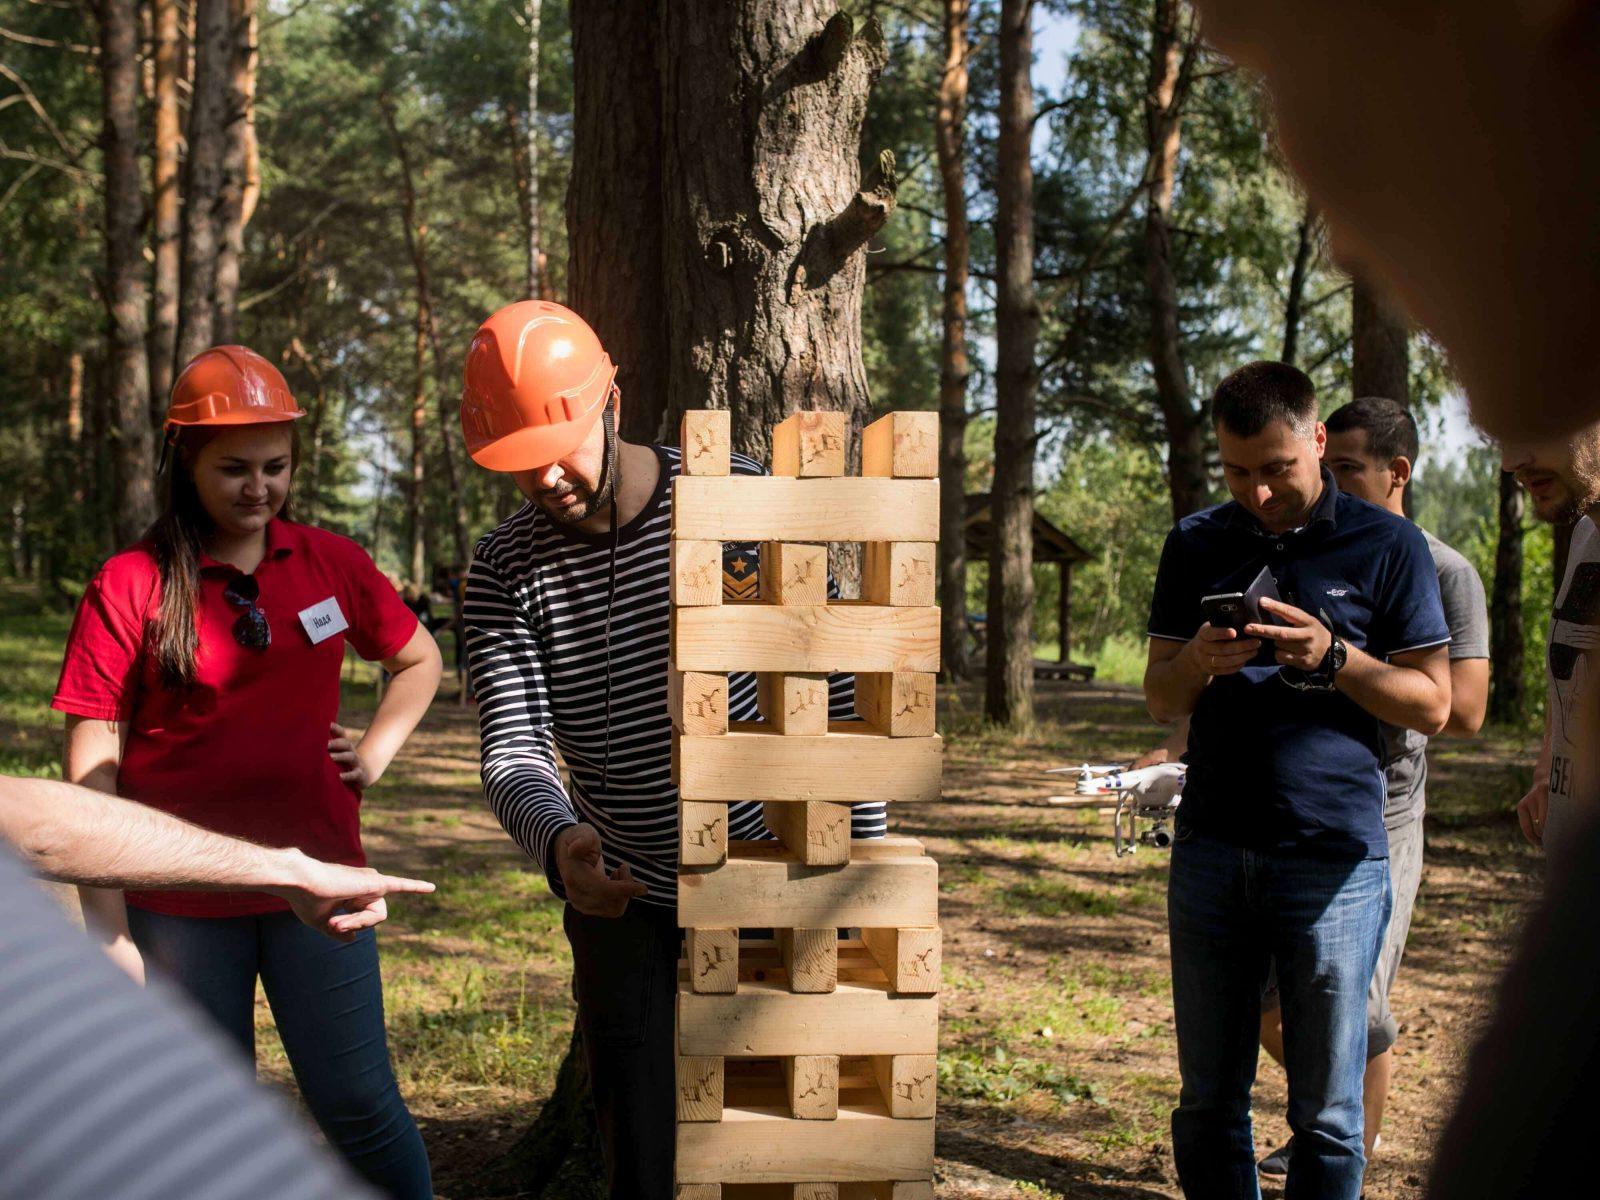 Фото проведения тимбилдинга по программе Дженга от Red-g